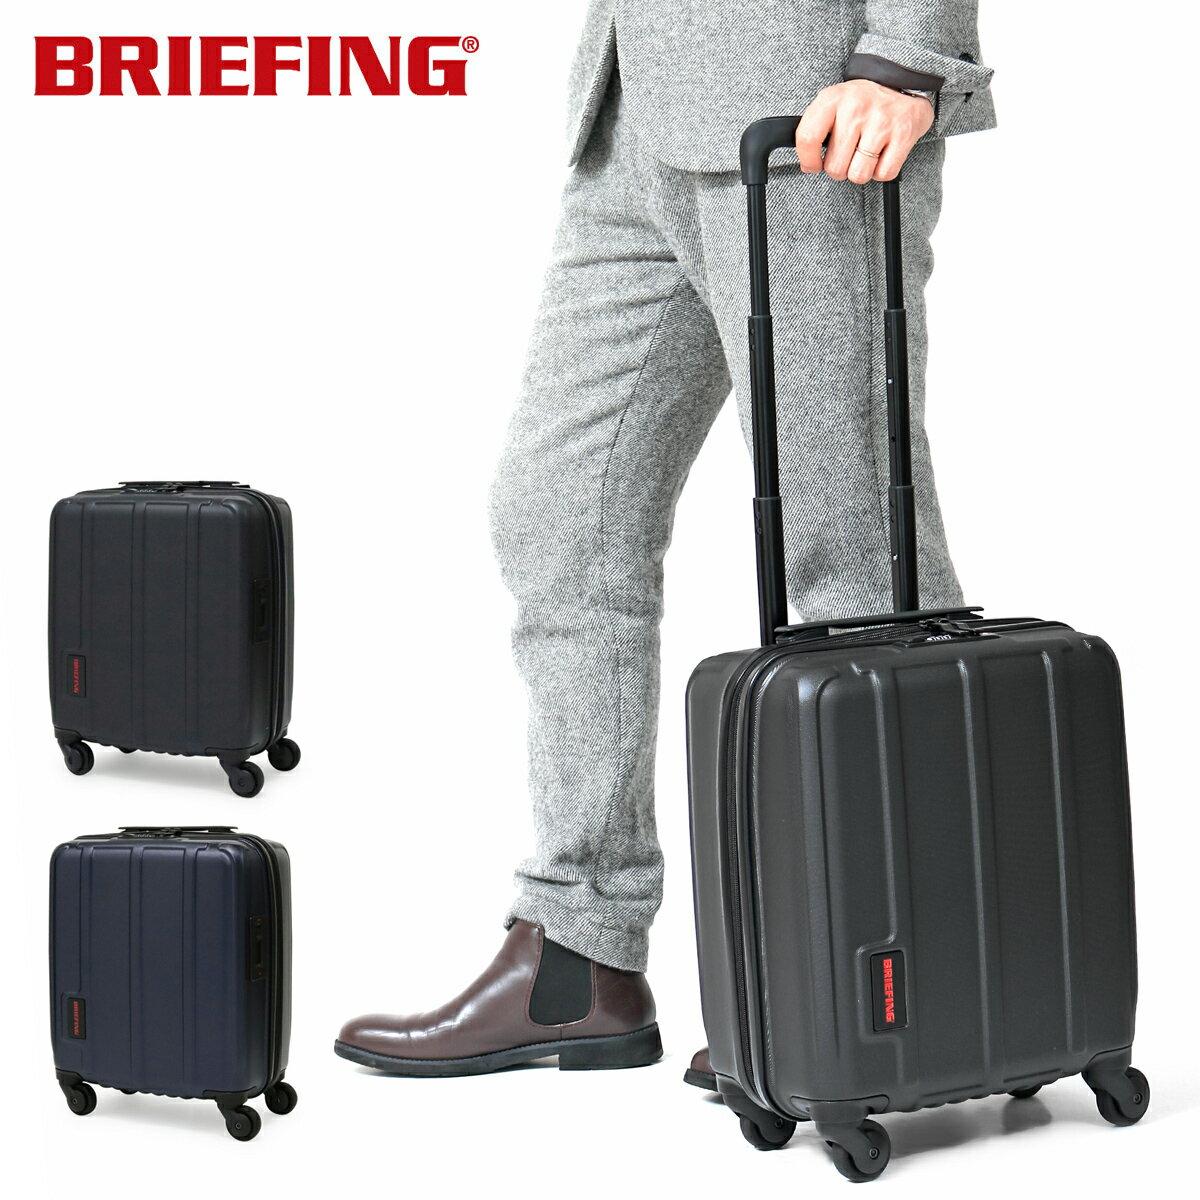 ブリーフィング BRIEFING スーツケース BRF350219 44cm H-22 【 キャリーケース ハードキャリー ビジネスキャリー ストッパー搭載 TSAロック搭載 機内持ち込み可 】【即日発送】